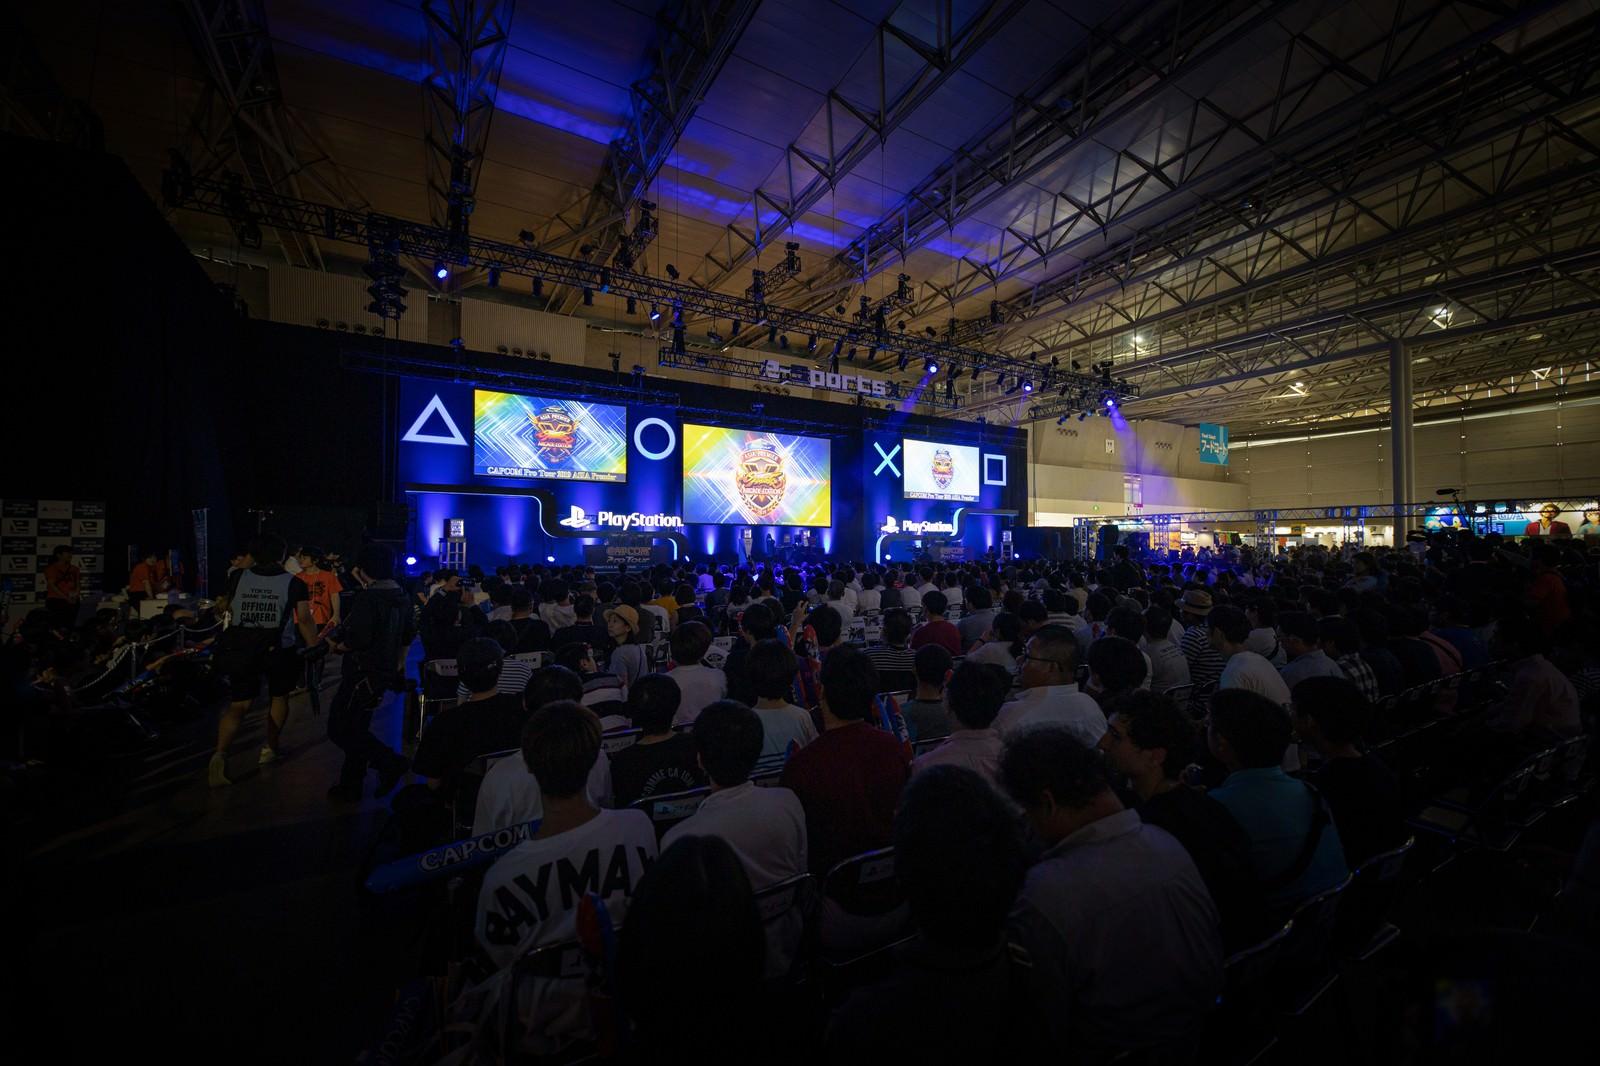 「巨大スクリーンの決勝ステージ - CAPCOM Pro Tour 2019 アジアプレミア」の写真